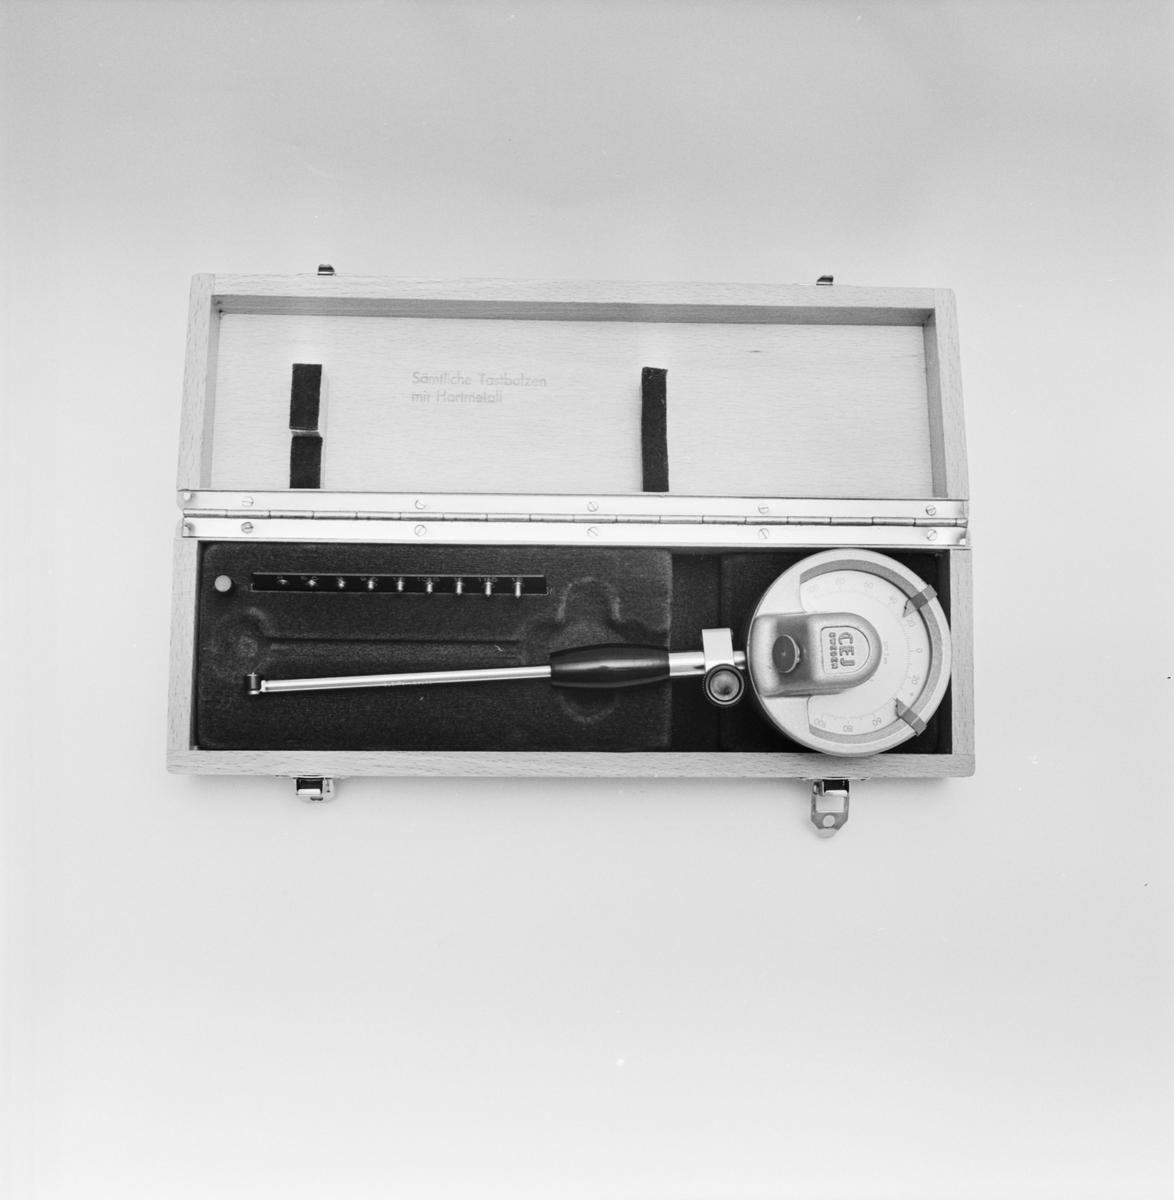 Övrigt: Foto datum: 17/11 1966 Byggnader och kranar Mätinstrument